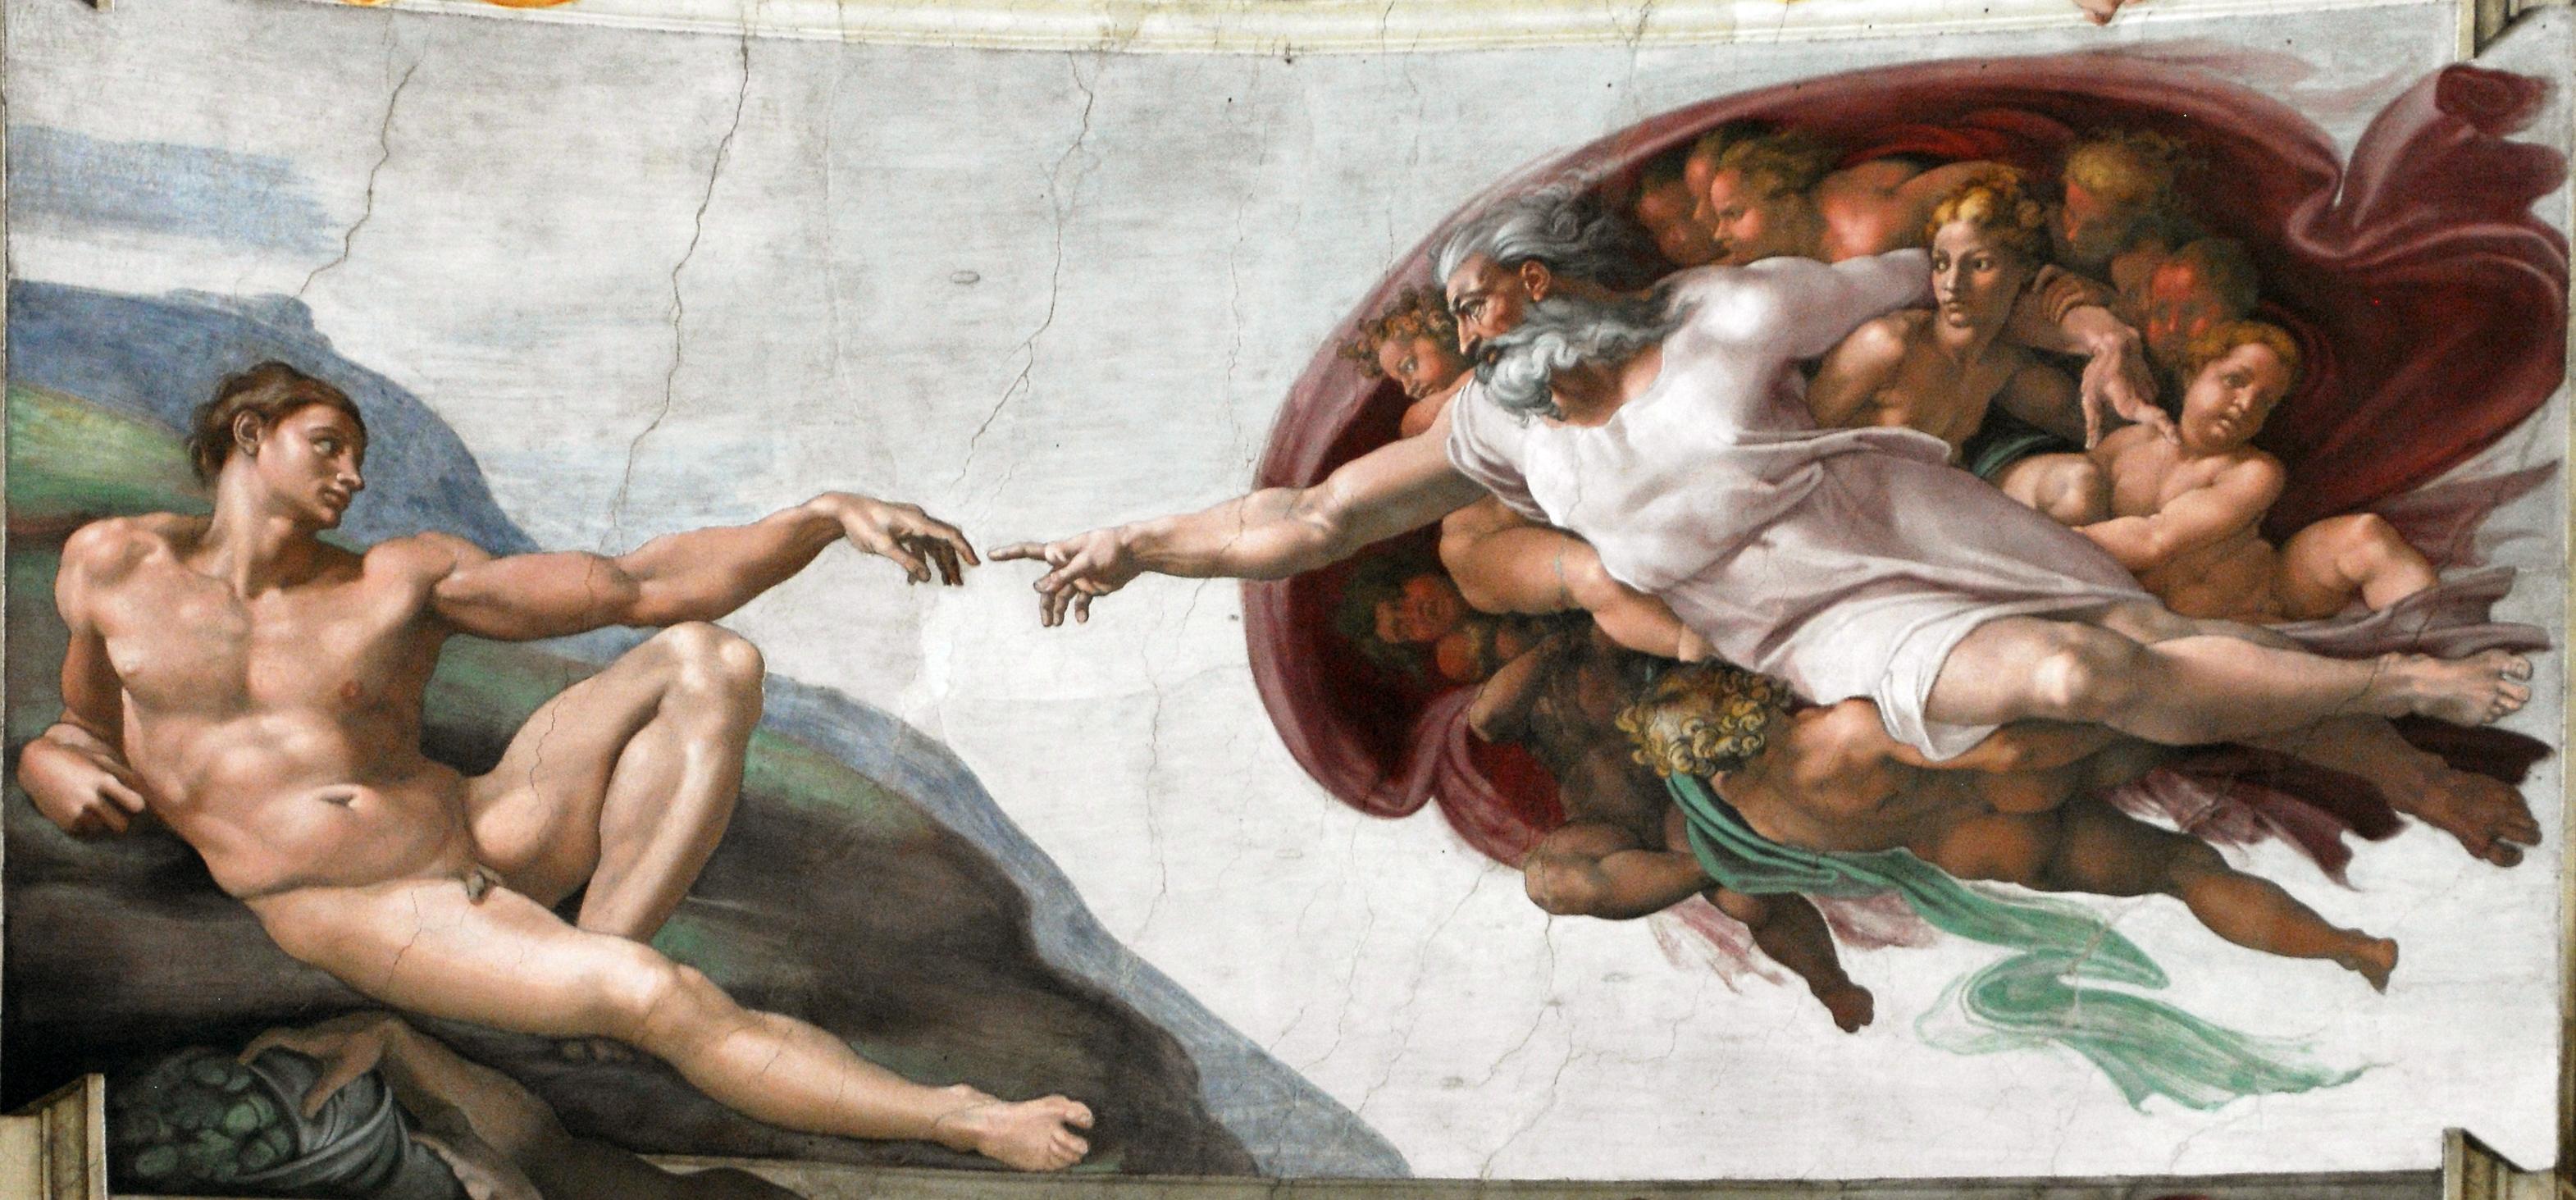 File:God2.